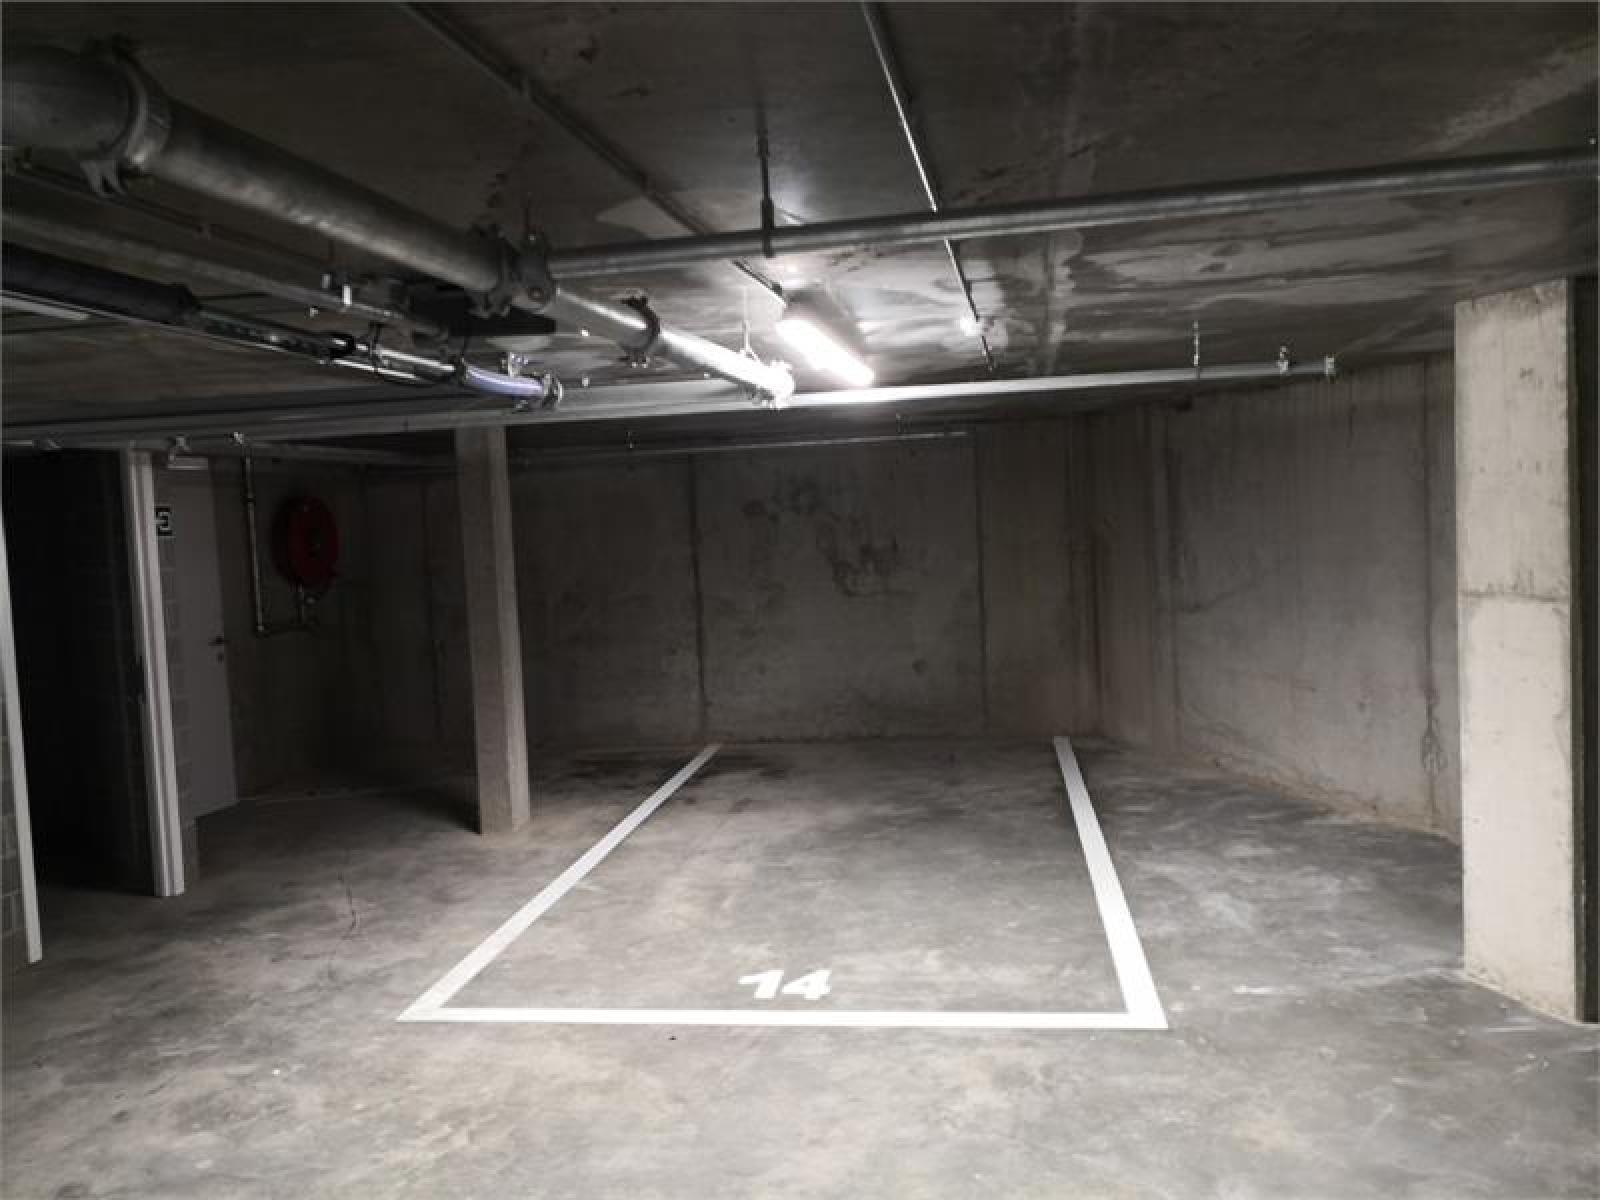 Staanplaats in ondergrondse parking afbeelding 3